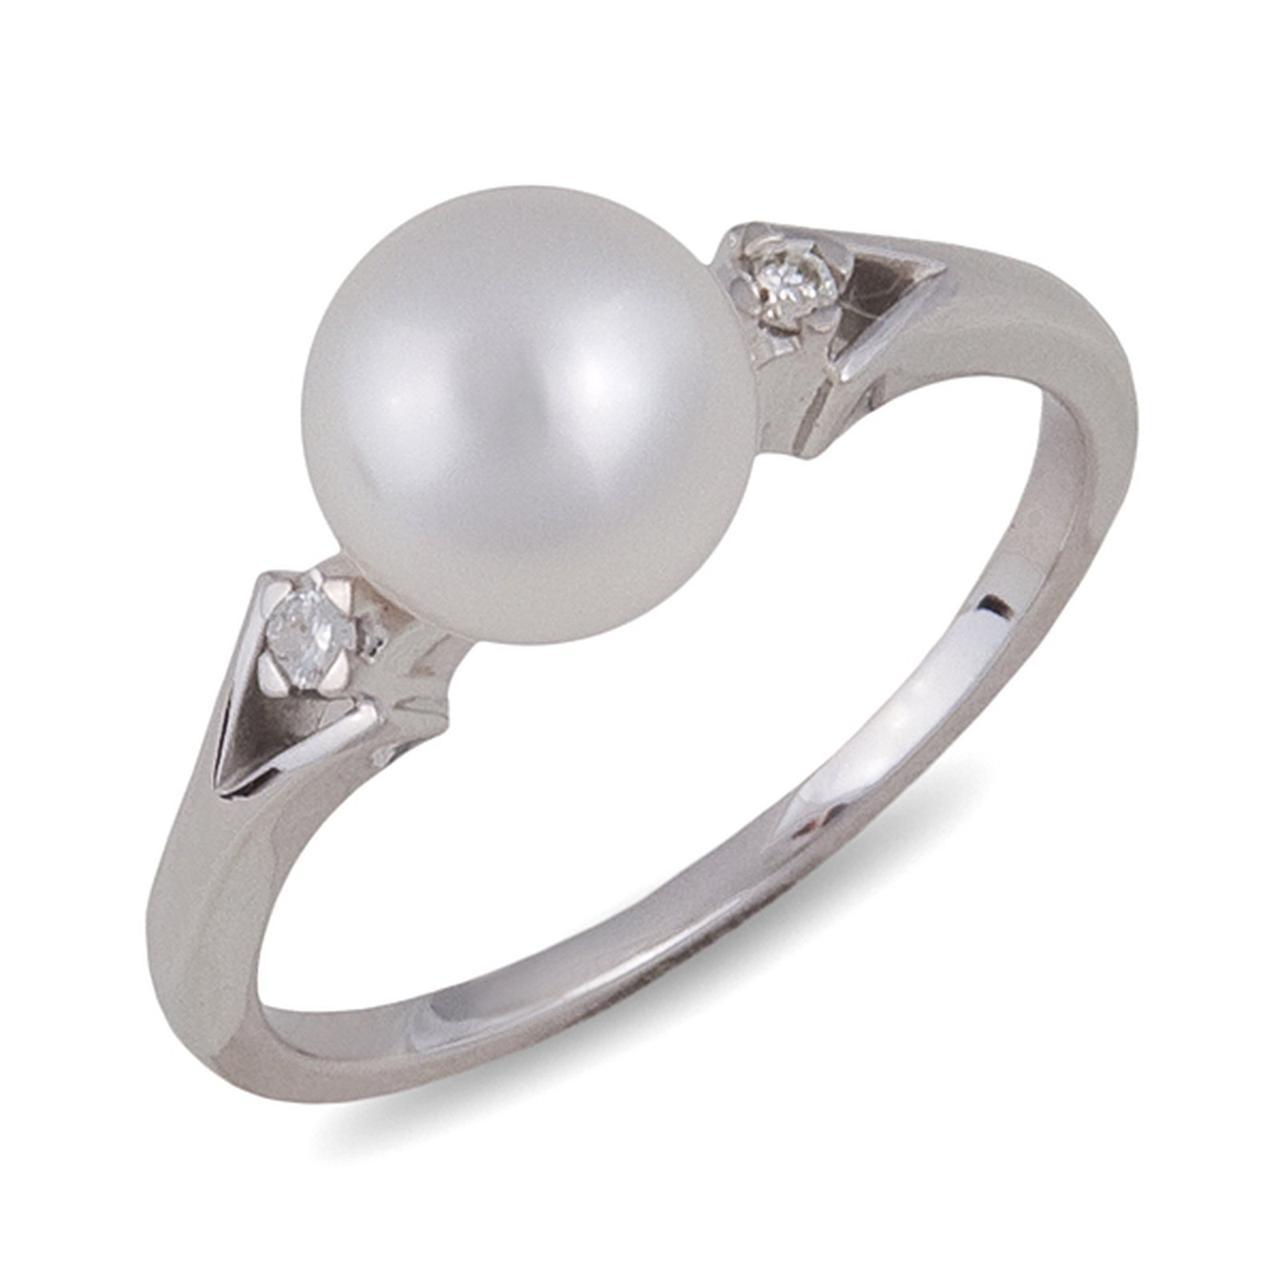 Золотое кольцо с бриллиантами и жемчугом, размер 17 (001293)